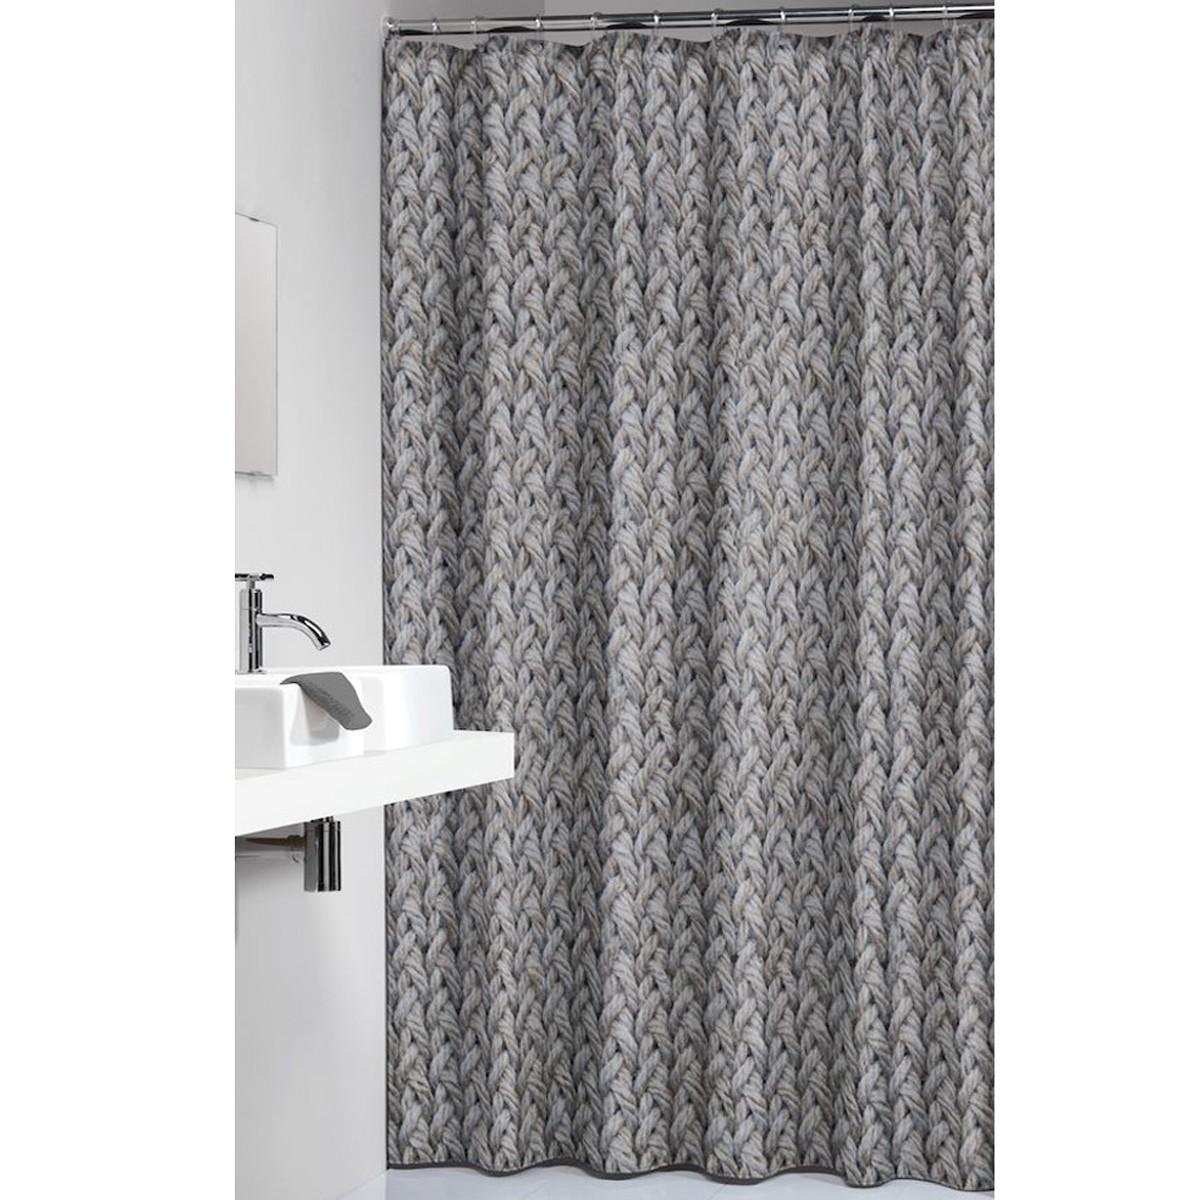 Κουρτίνα Μπάνιου (180x200) SealSkin Knitted